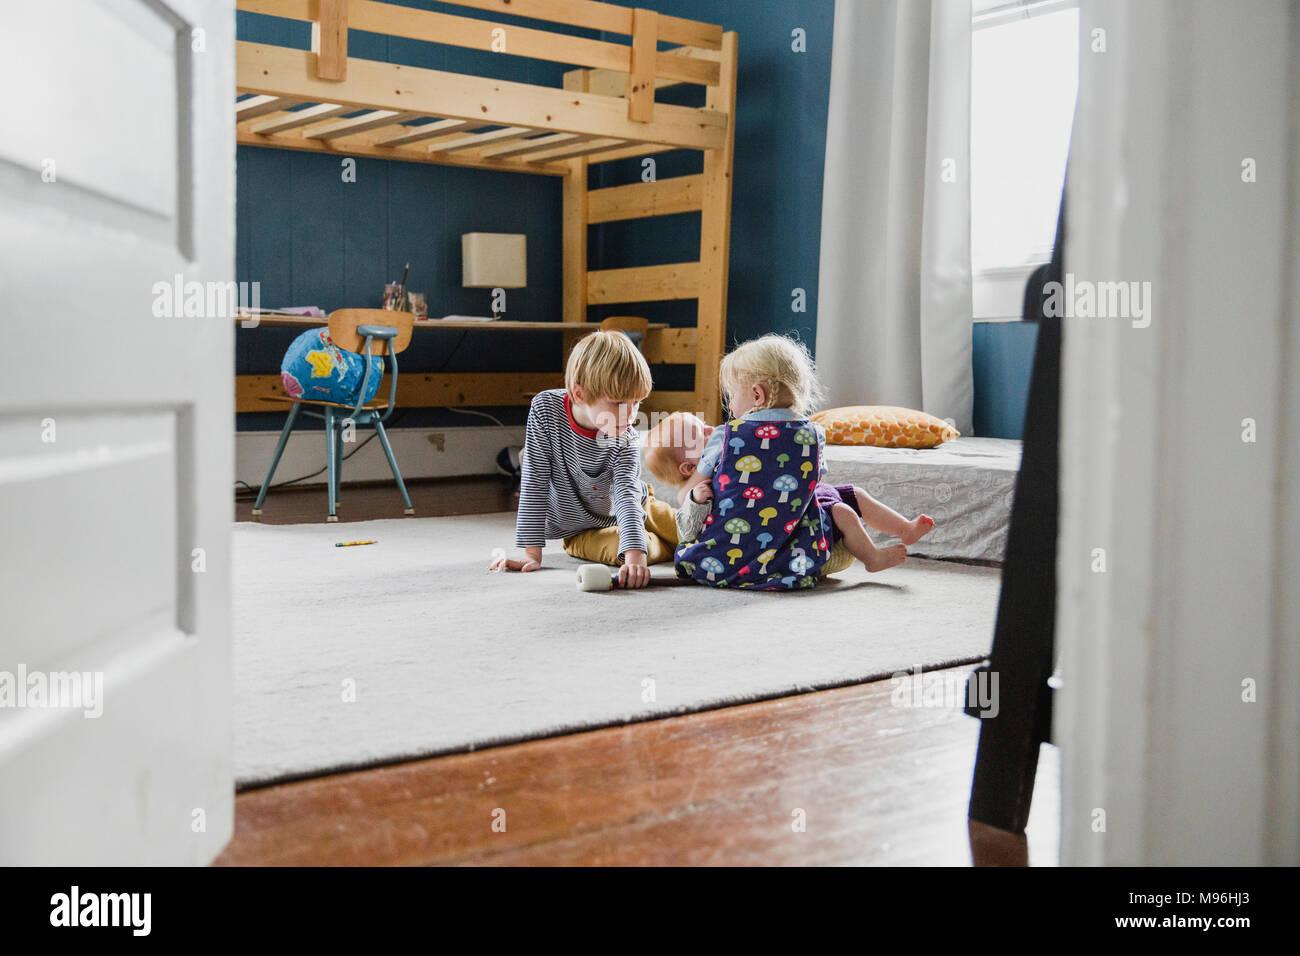 Dos niños y servicio de niñera en la habitación Imagen De Stock